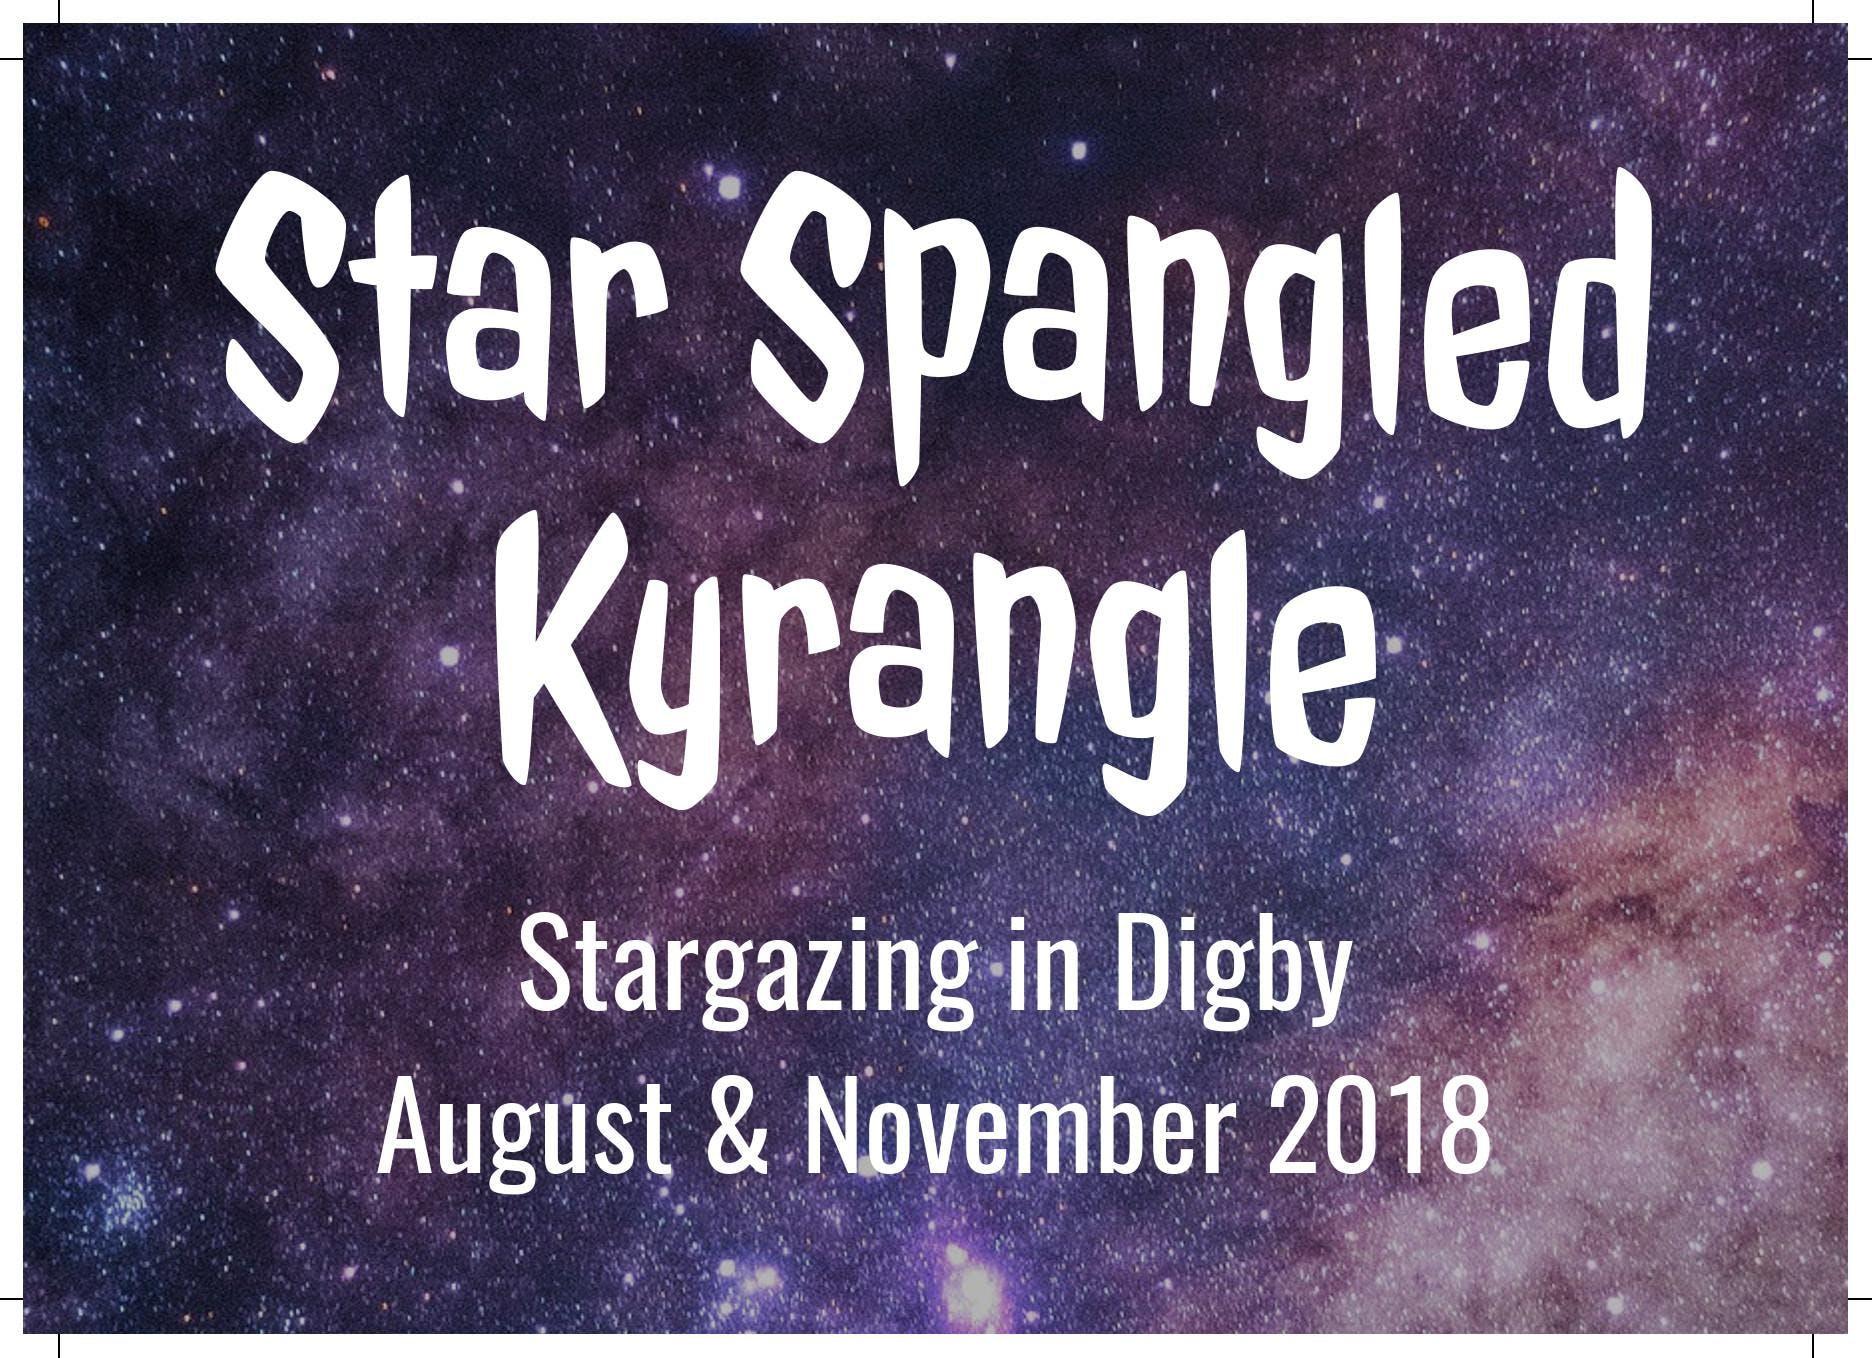 Star Spangled Kyrangle